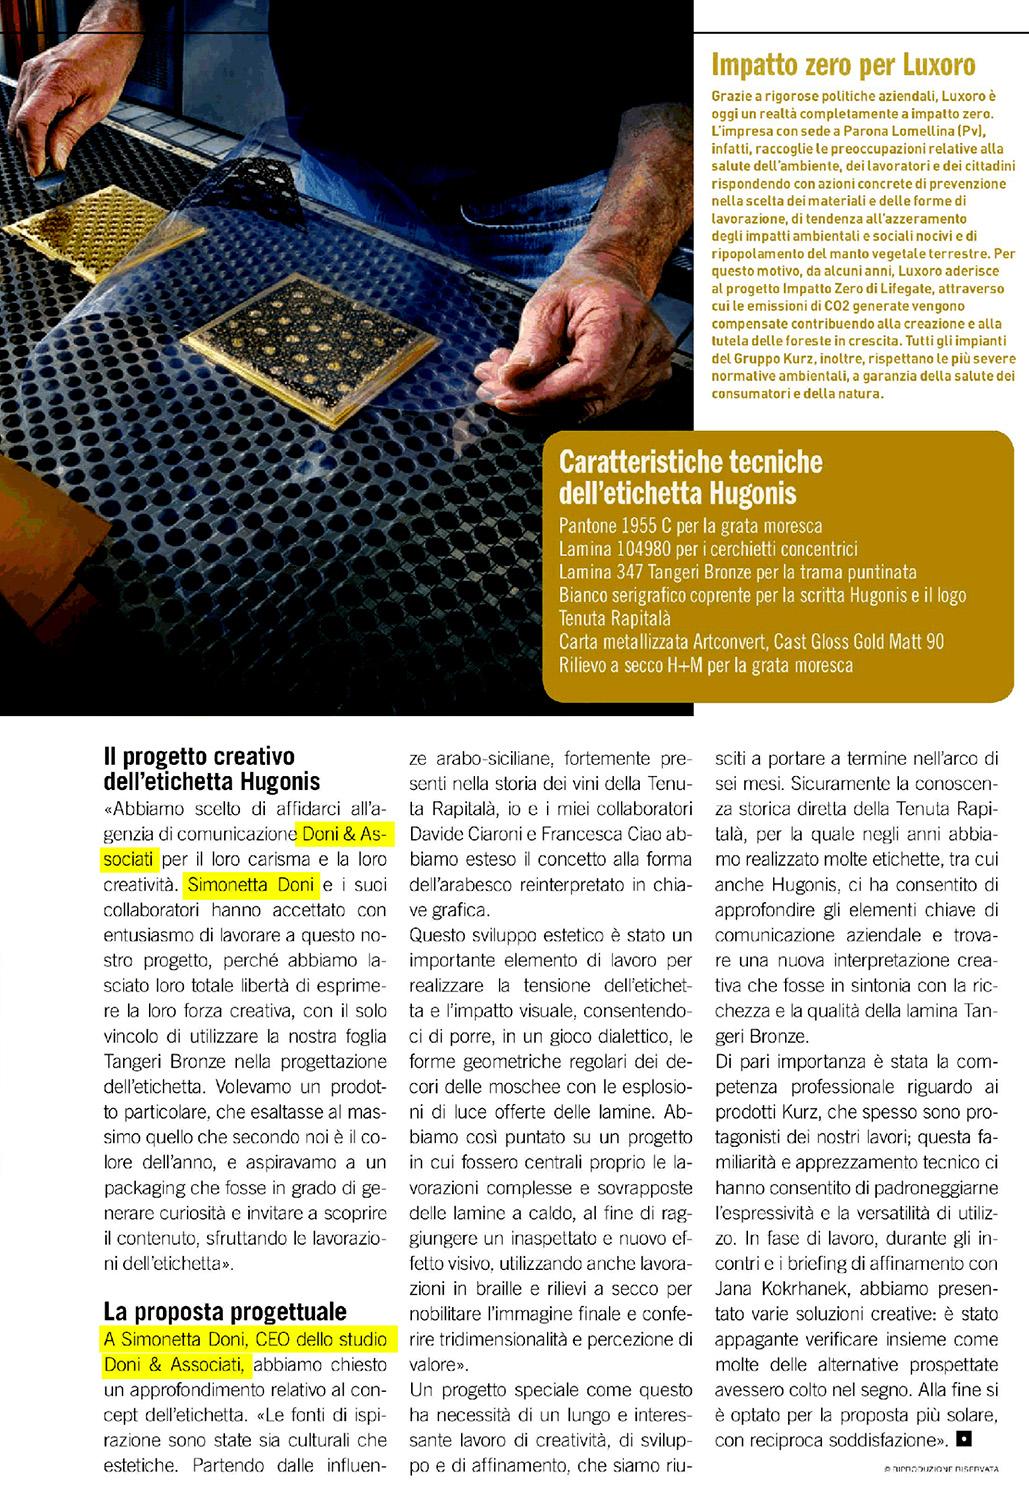 pubblicazione-imbottigliamento-hugonis-2015-4